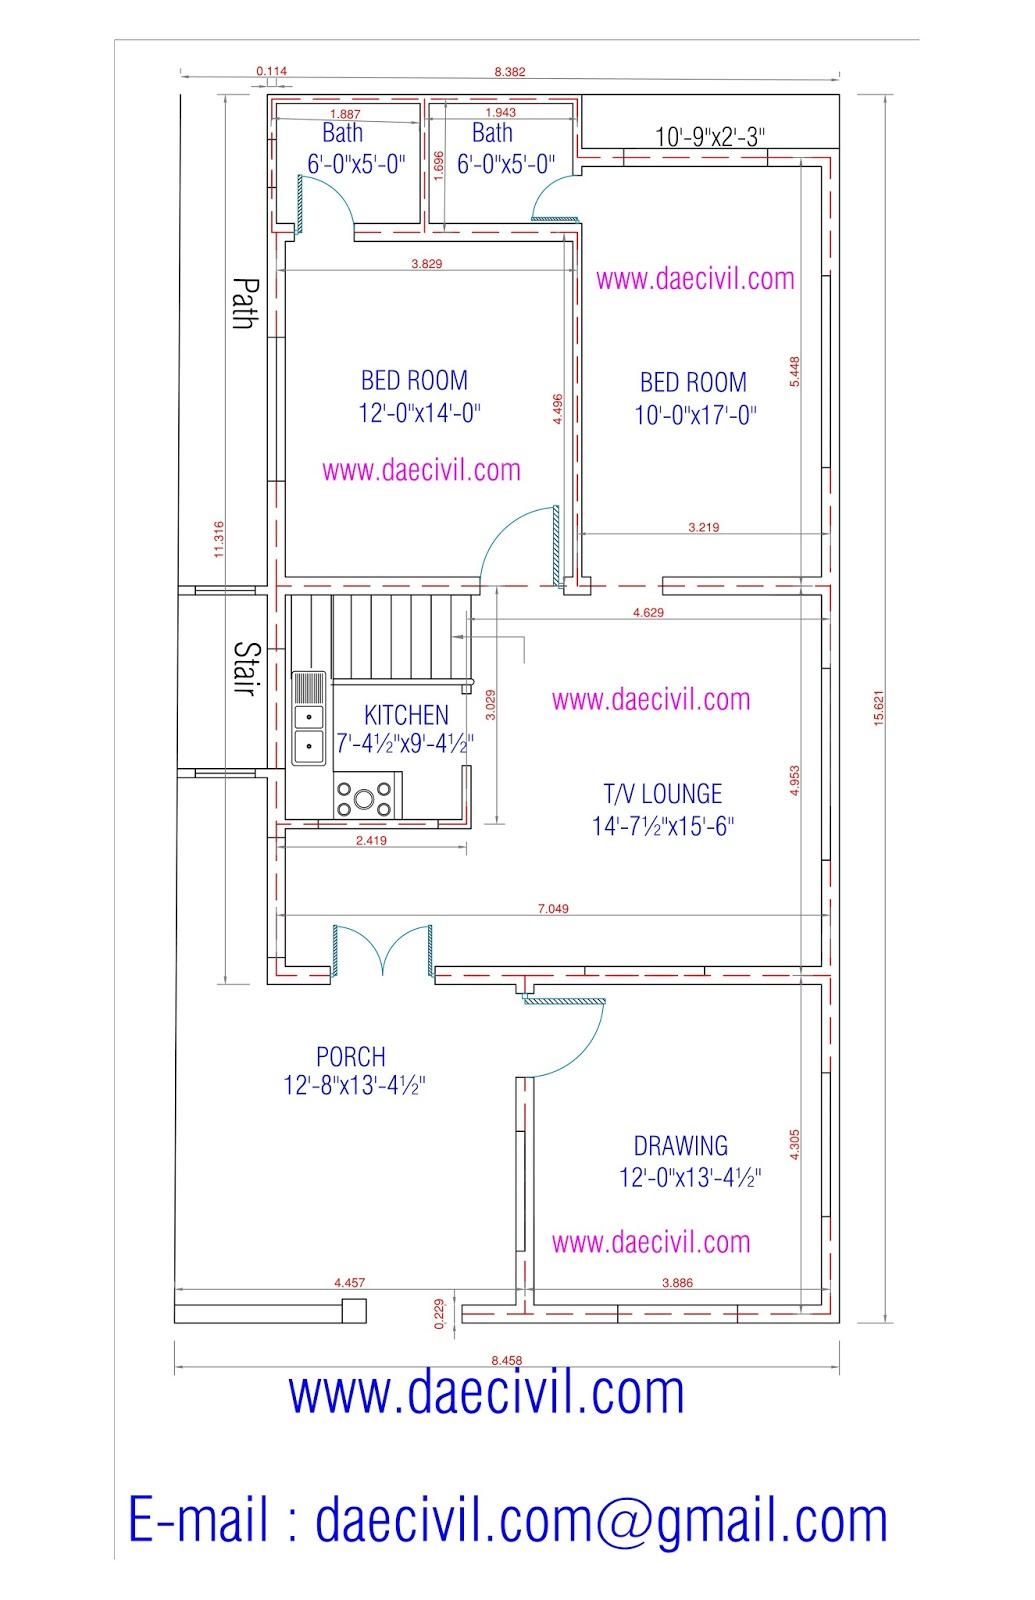 primavera p6 8.2 tutorial pdf